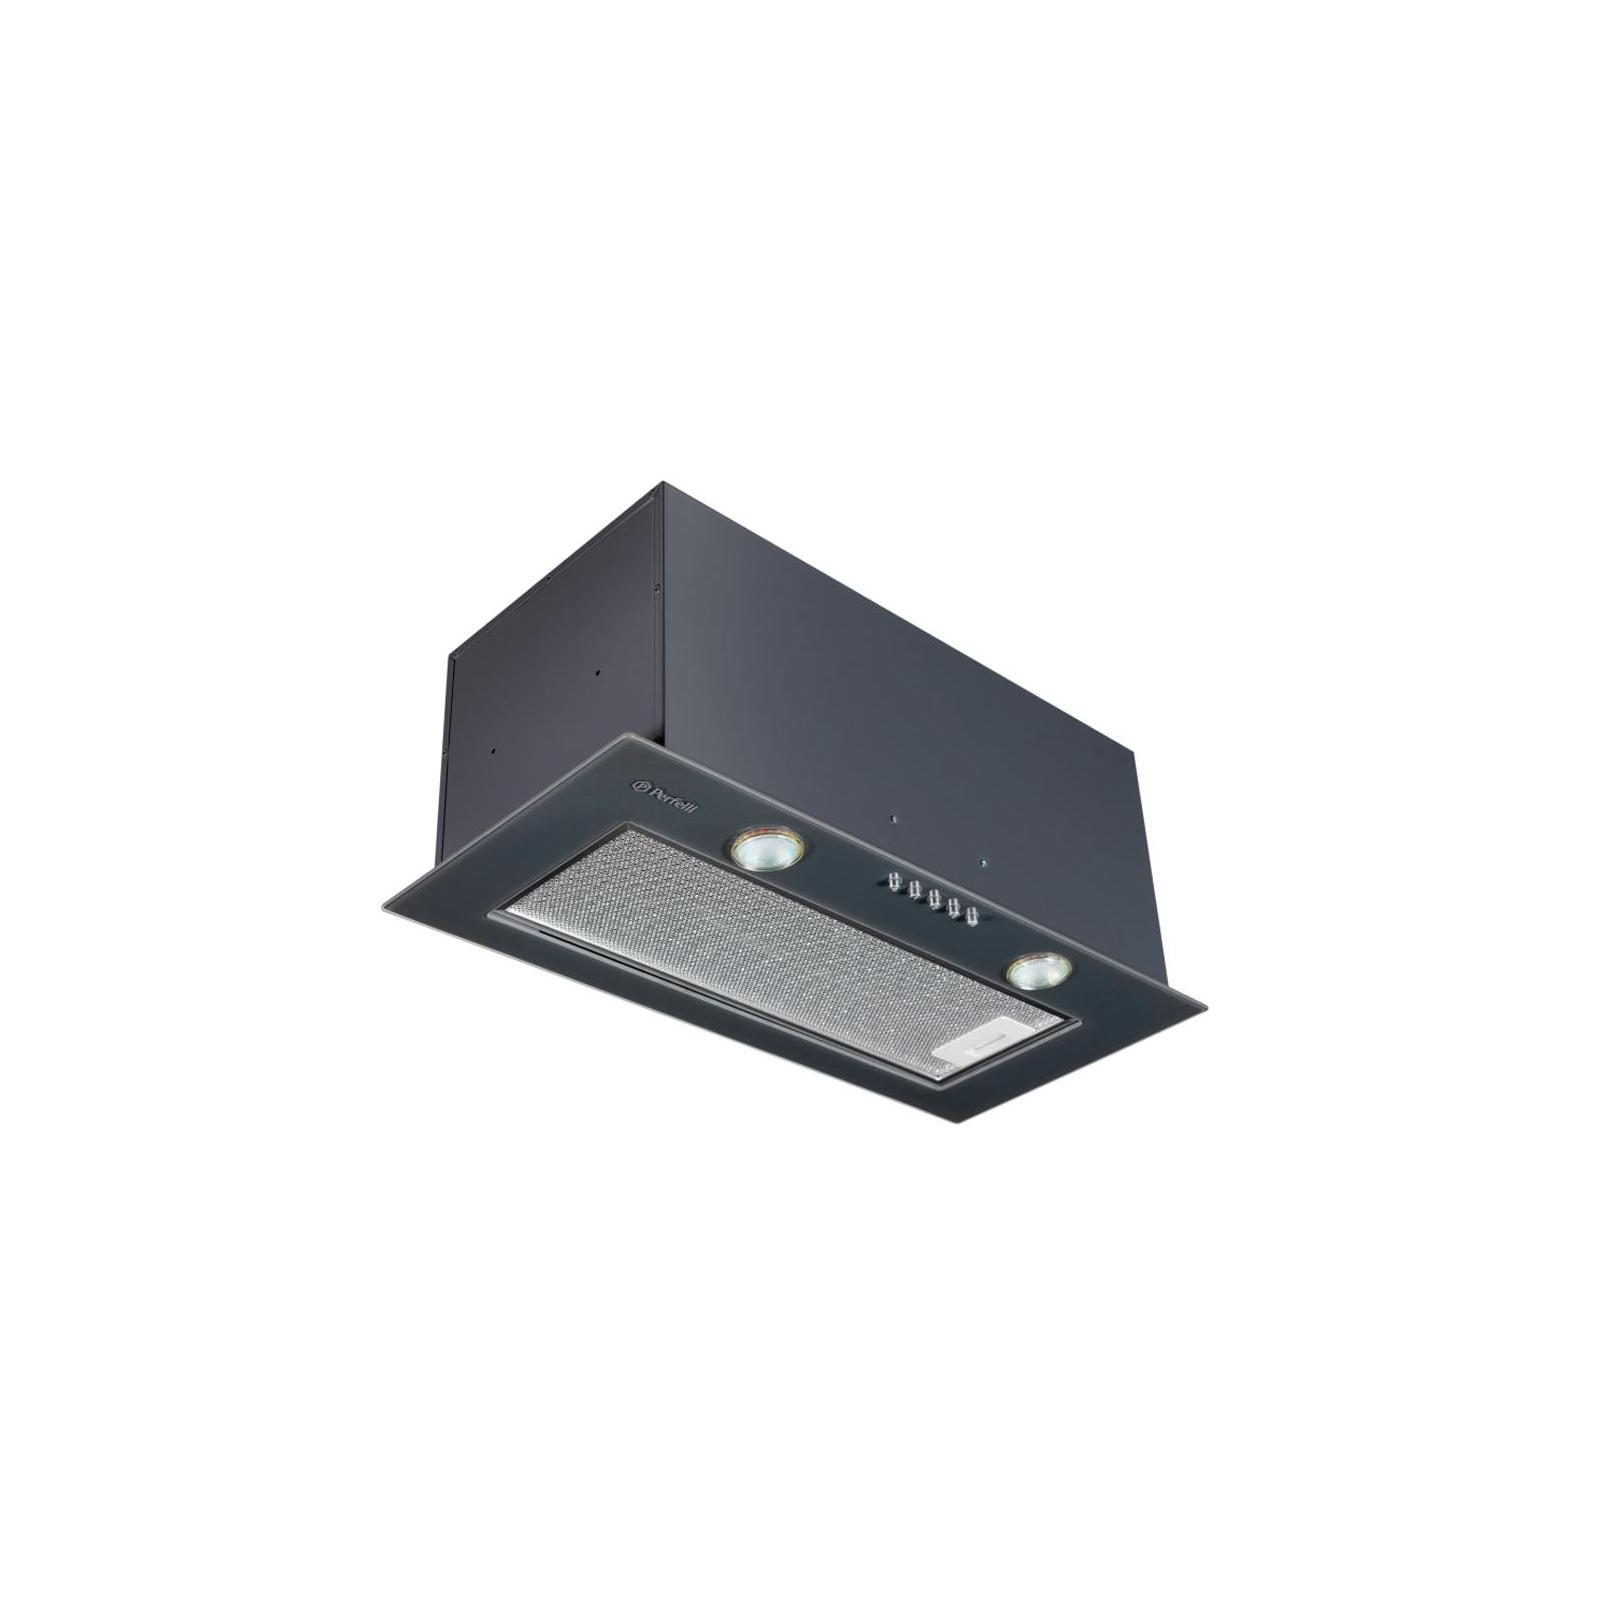 Вытяжка кухонная PERFELLI BI 6562 A 1000 GF LED GLASS изображение 2